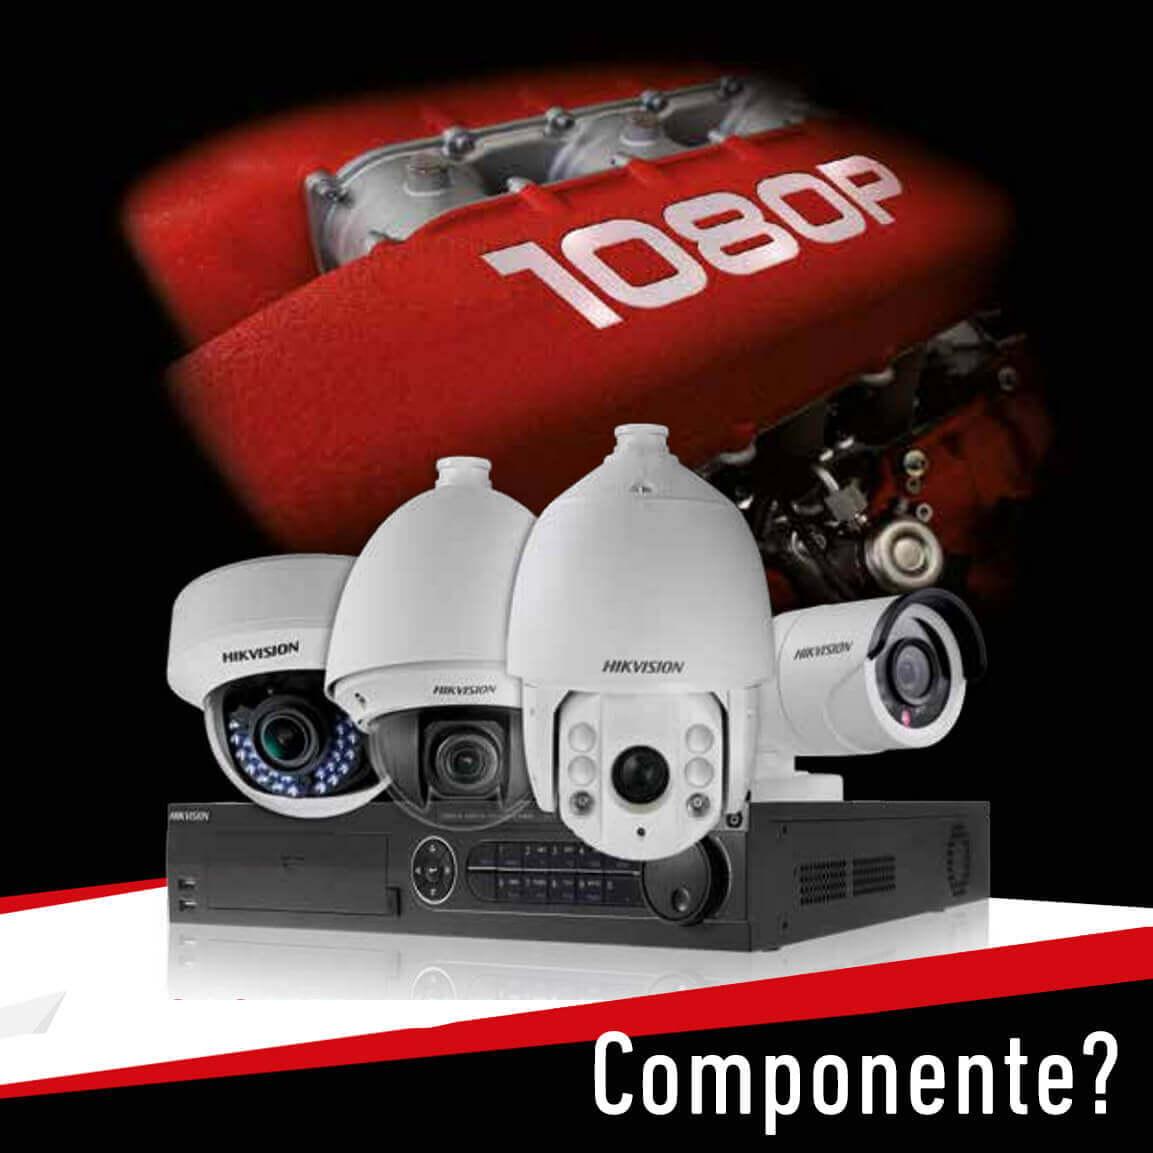 https://www.e-camere.ro/articol/Starlight--m--Ce-aduce-tehnologia-Starlight-unei-camere-de-supraveghere-video-Dahua-qm-